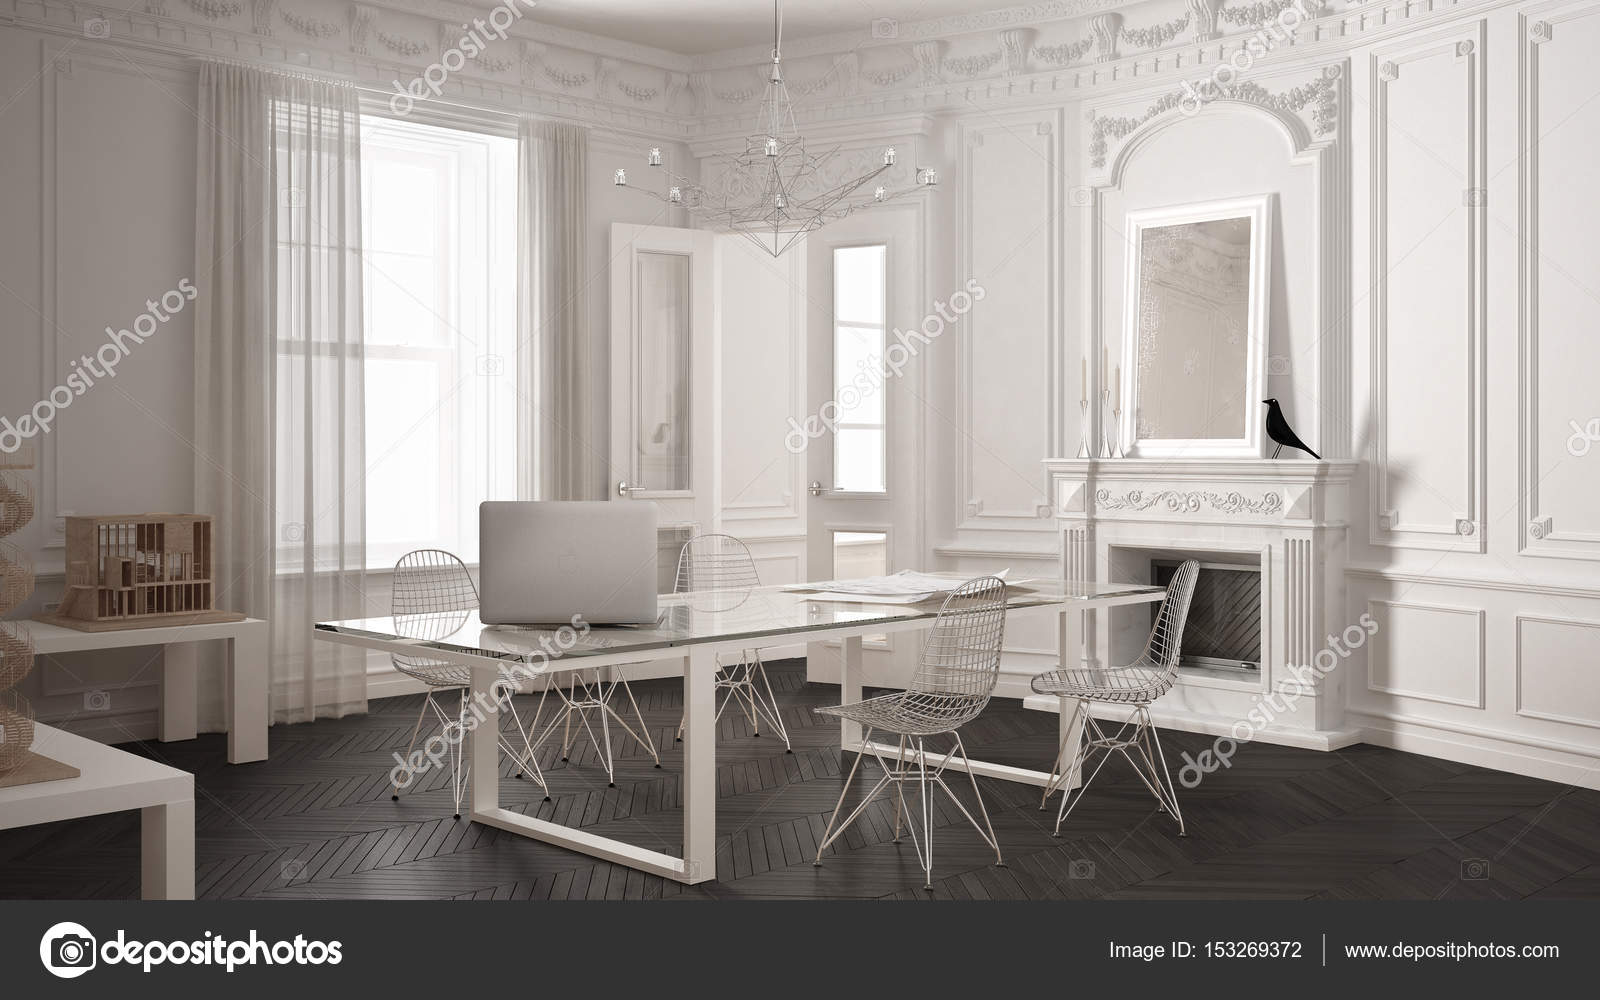 Ufficio Moderno Di Lusso : Ufficio moderno minimalista in camera classic vintage con camino